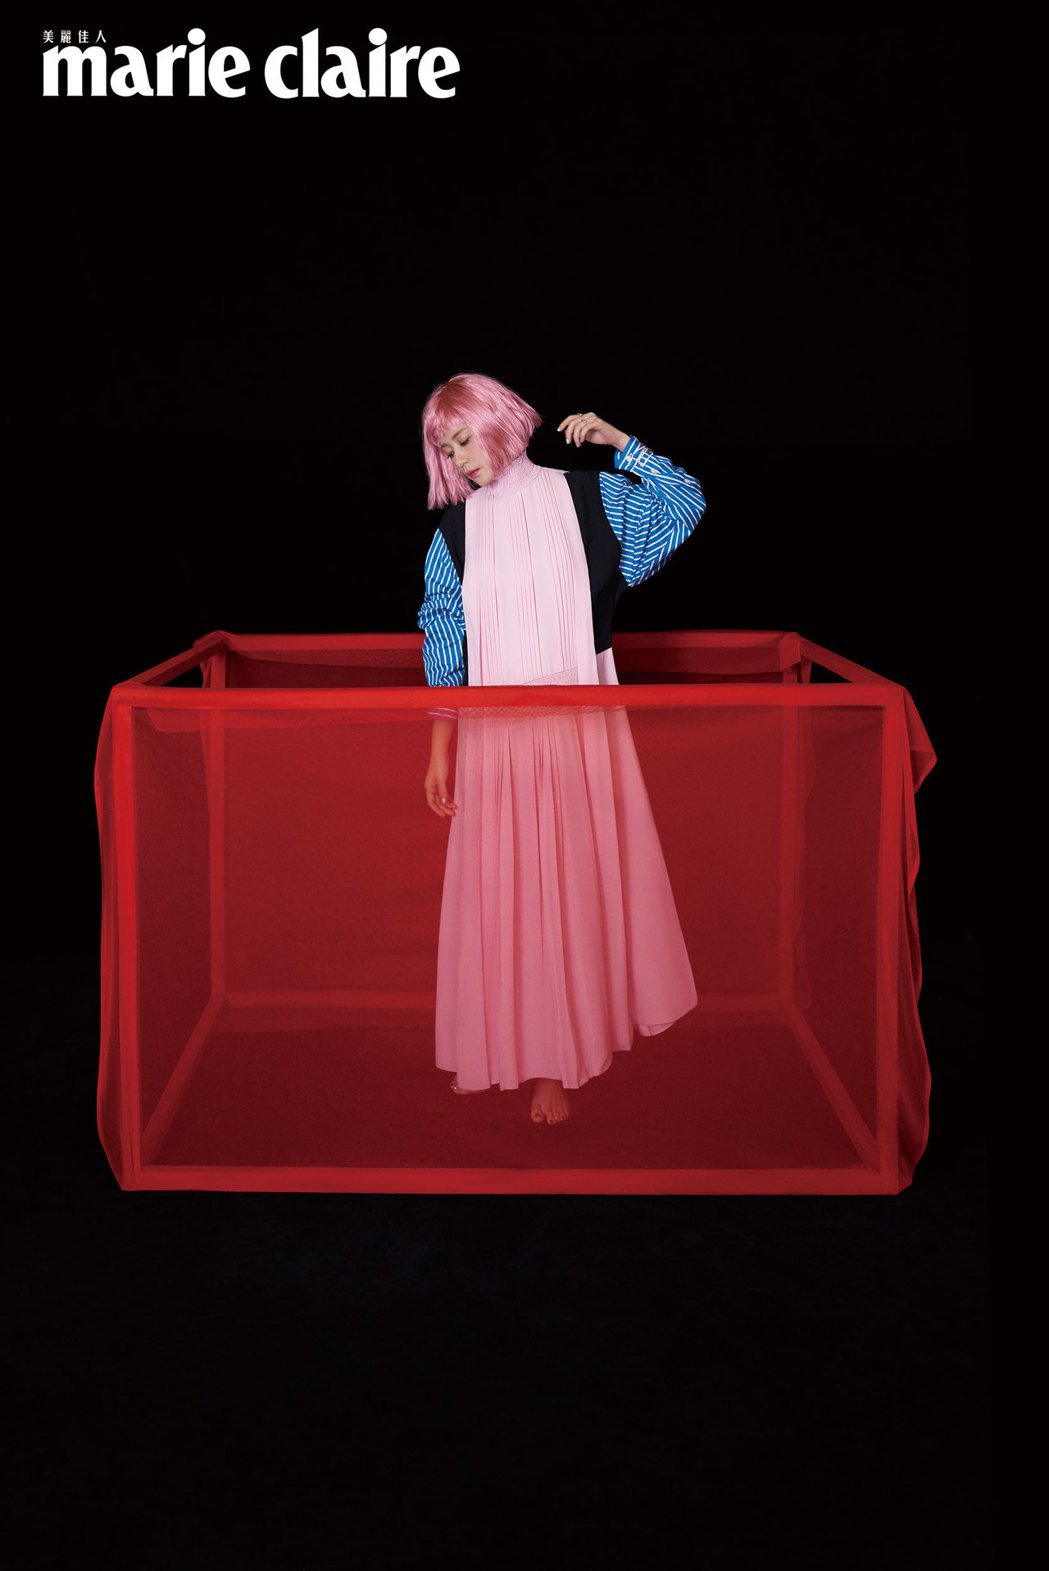 賈靜雯一頭粉紅色俐落短髮拍攝時尚雜誌。圖/Marie Claire美麗佳人提供